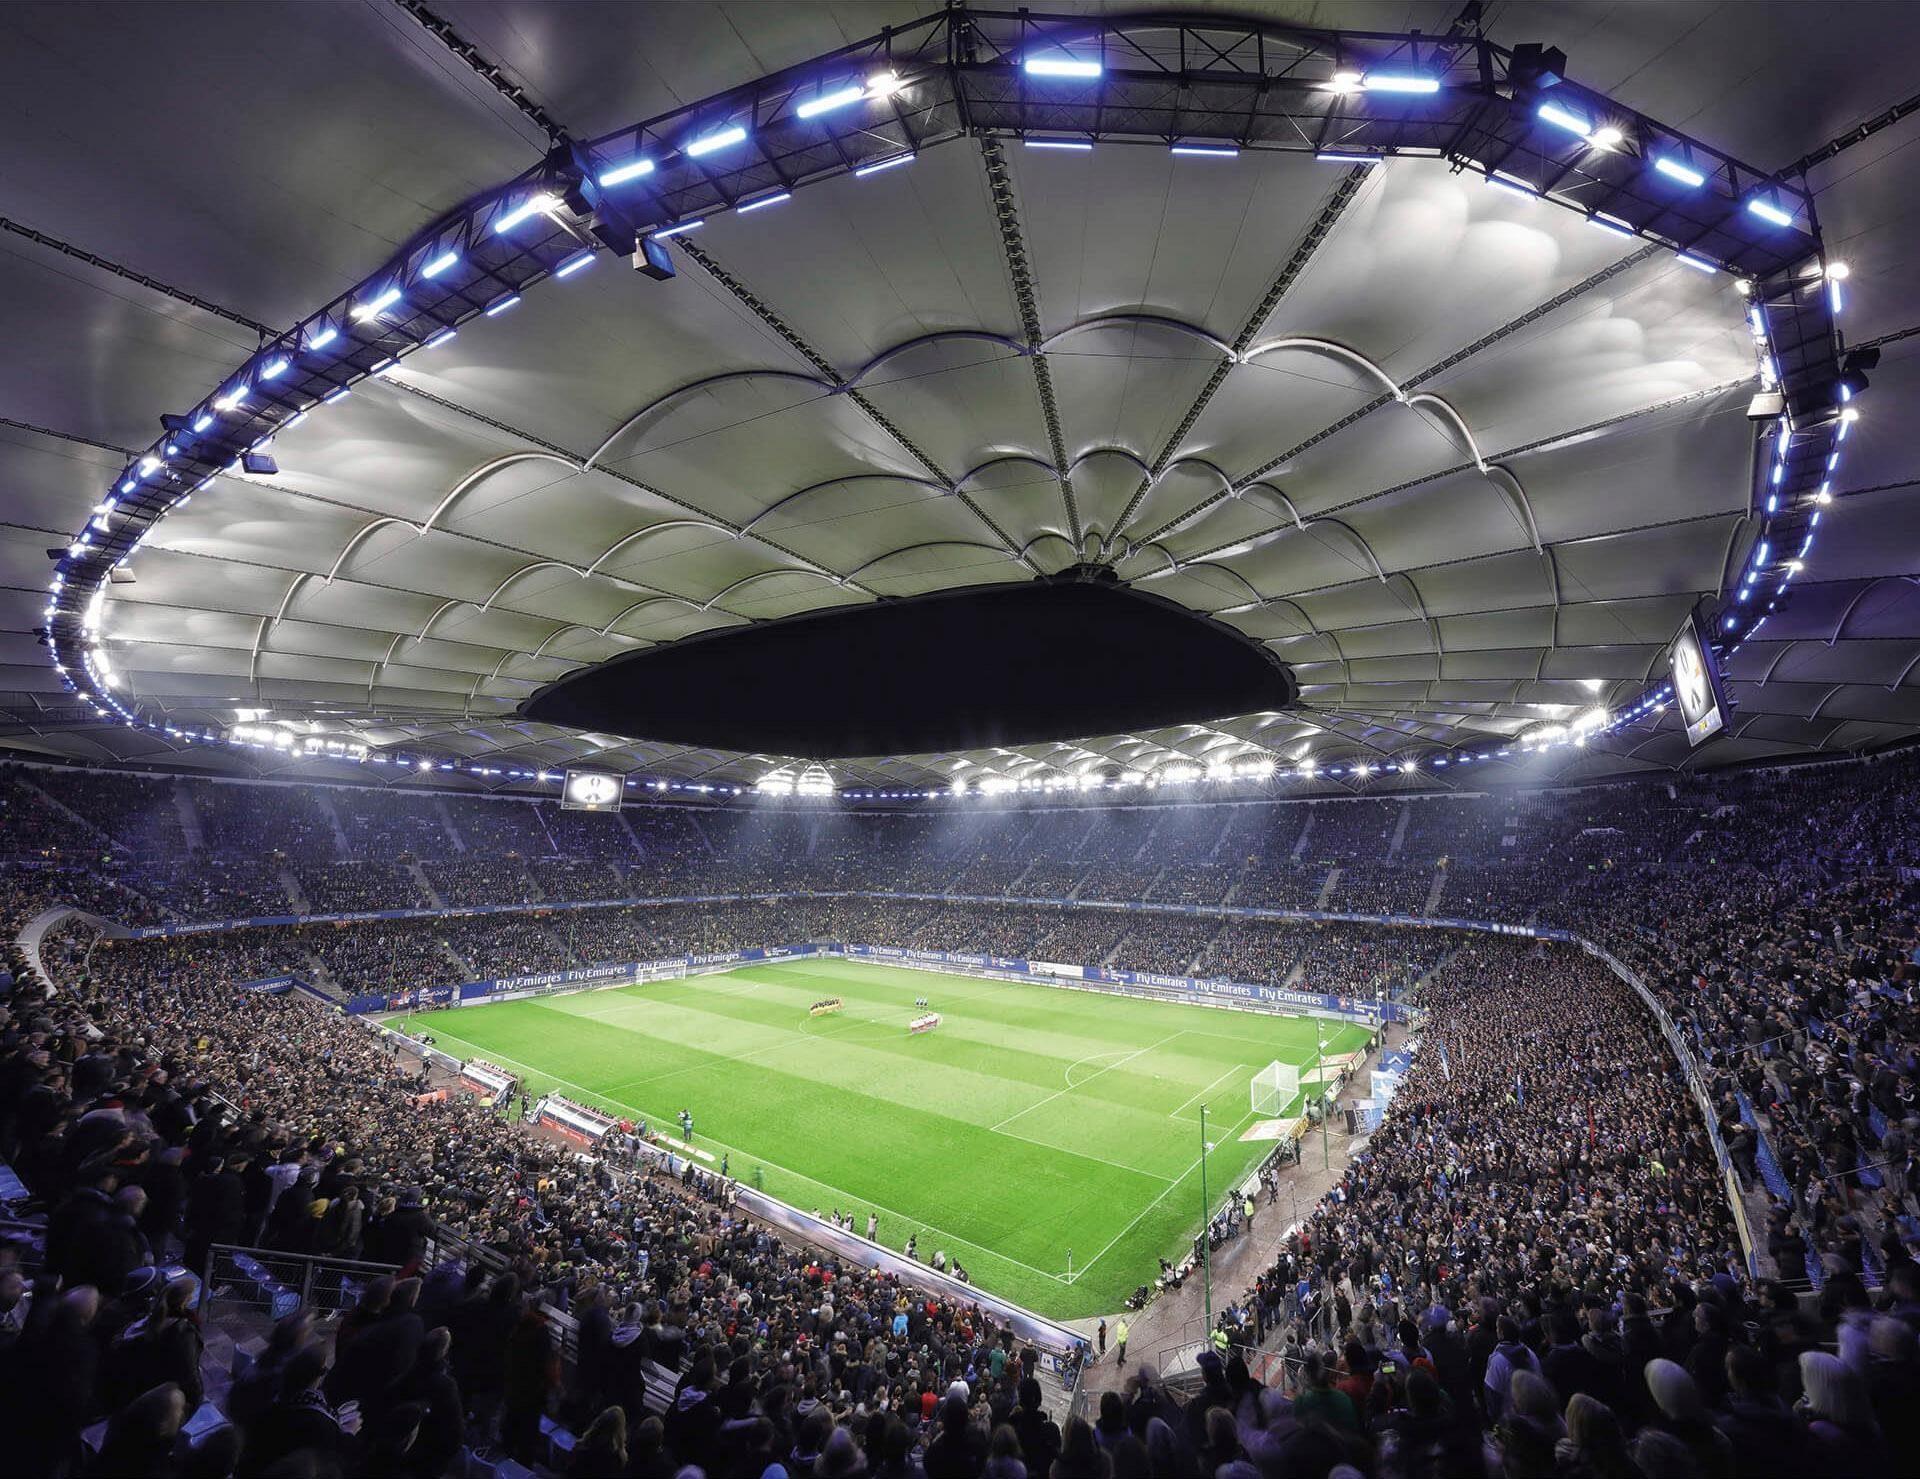 Fototapete »Hamburger SV im Stadion bei Nacht«, 336/260 cm